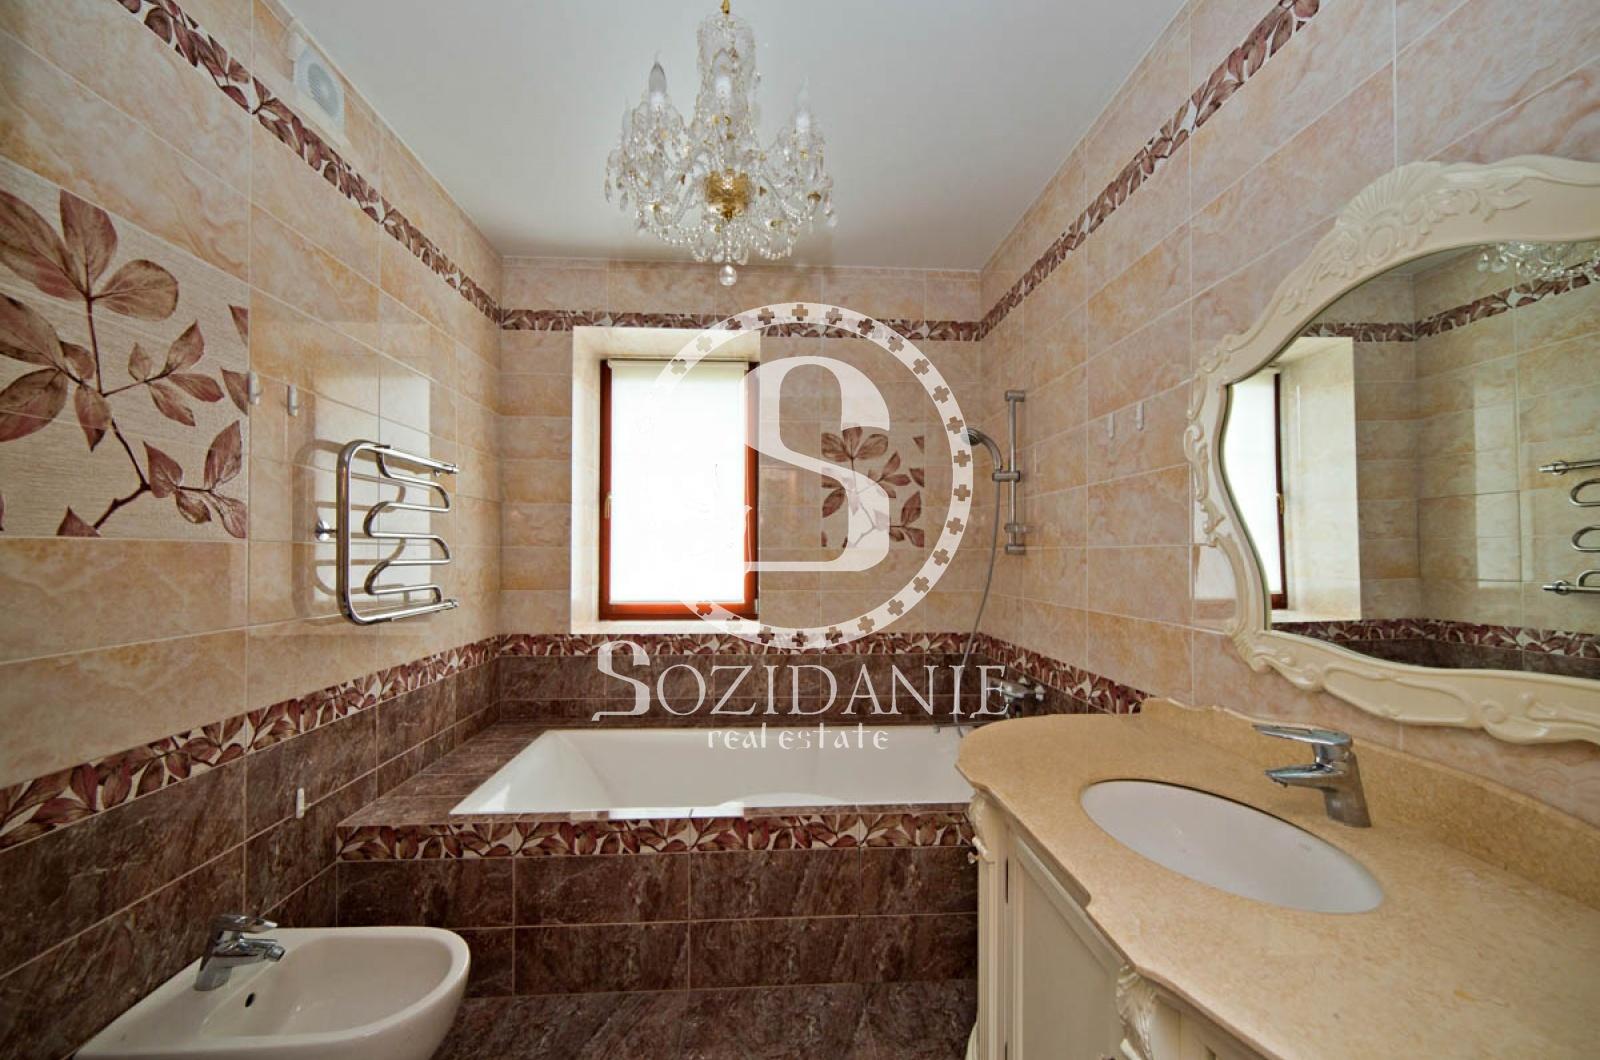 6 Bedrooms, Загородная, Продажа, Listing ID 1241, Московская область, Россия,